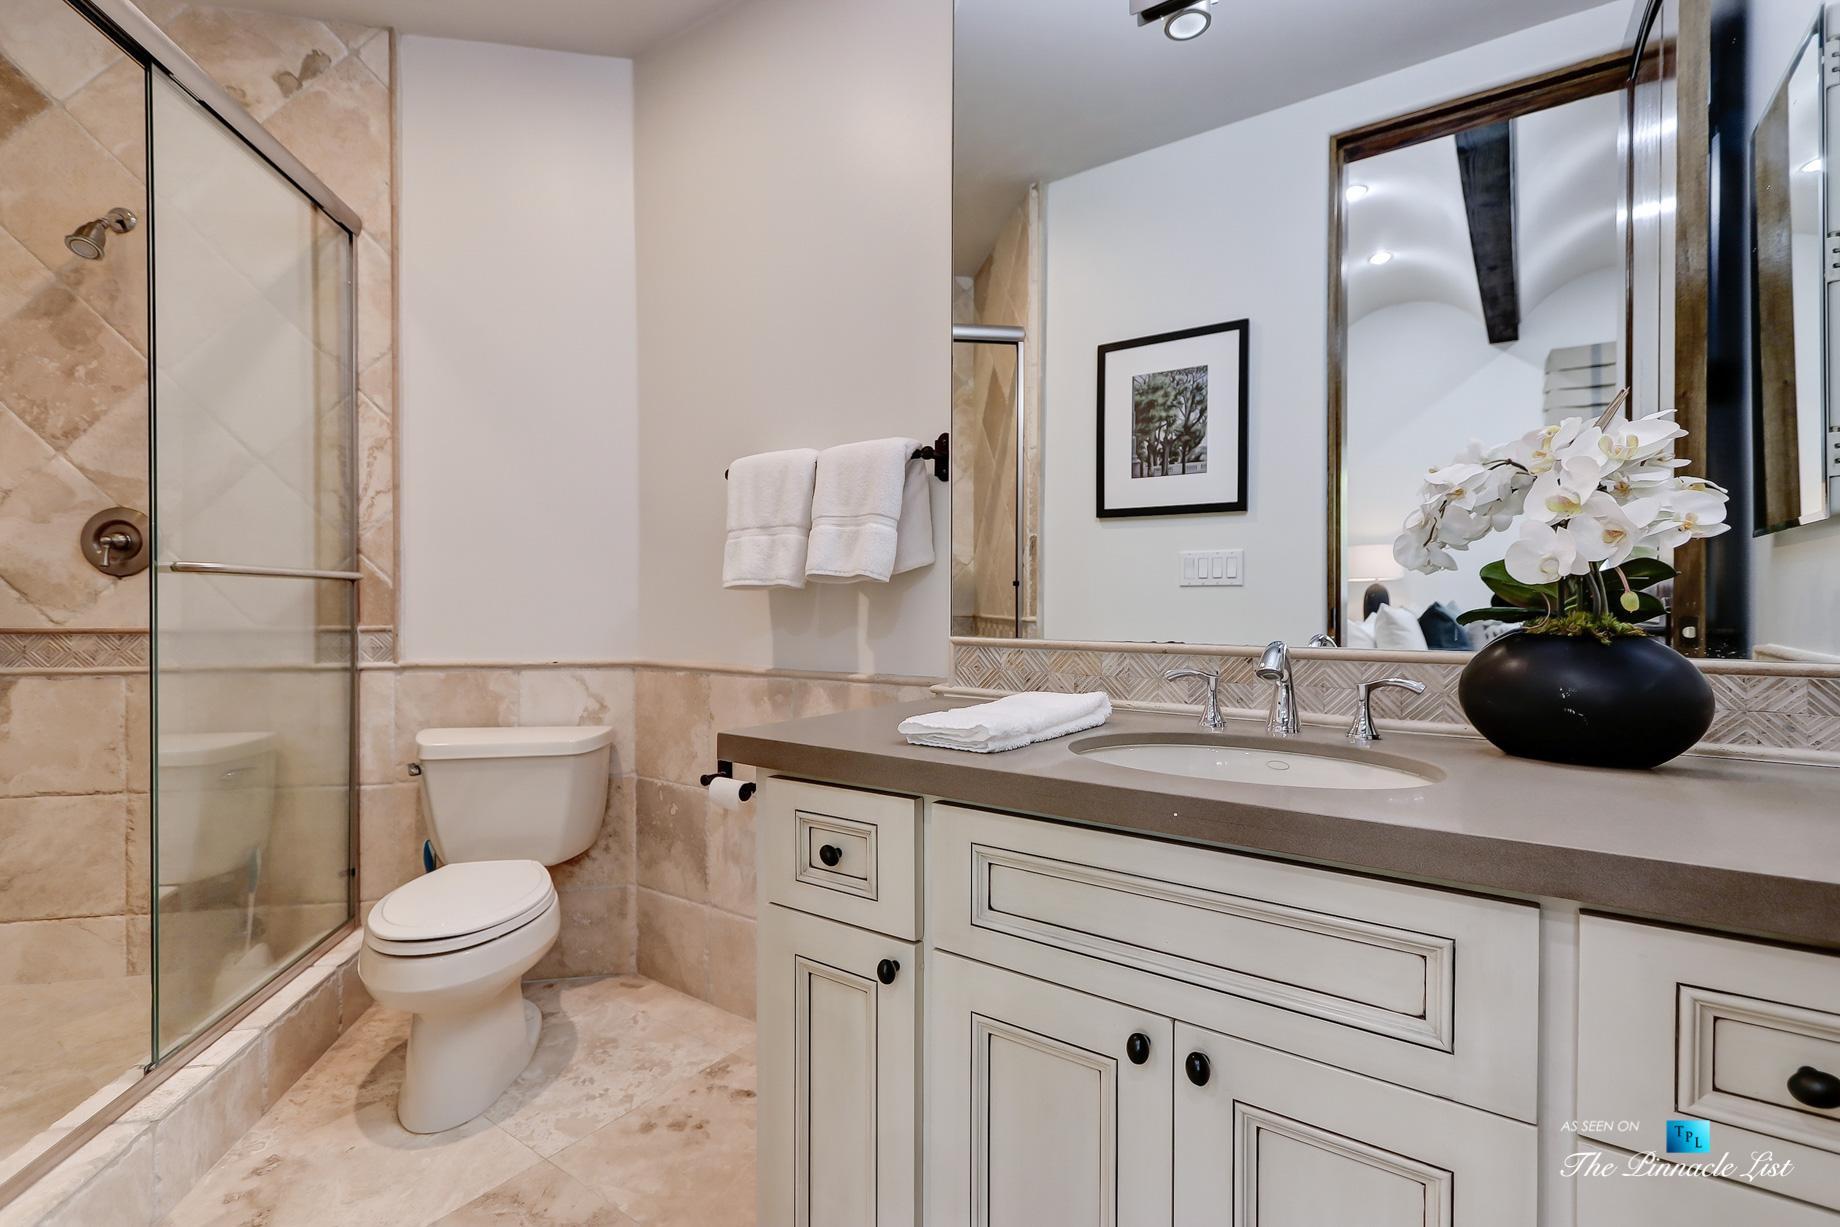 853 10th Street, Manhattan Beach, CA, USA – Bathroom